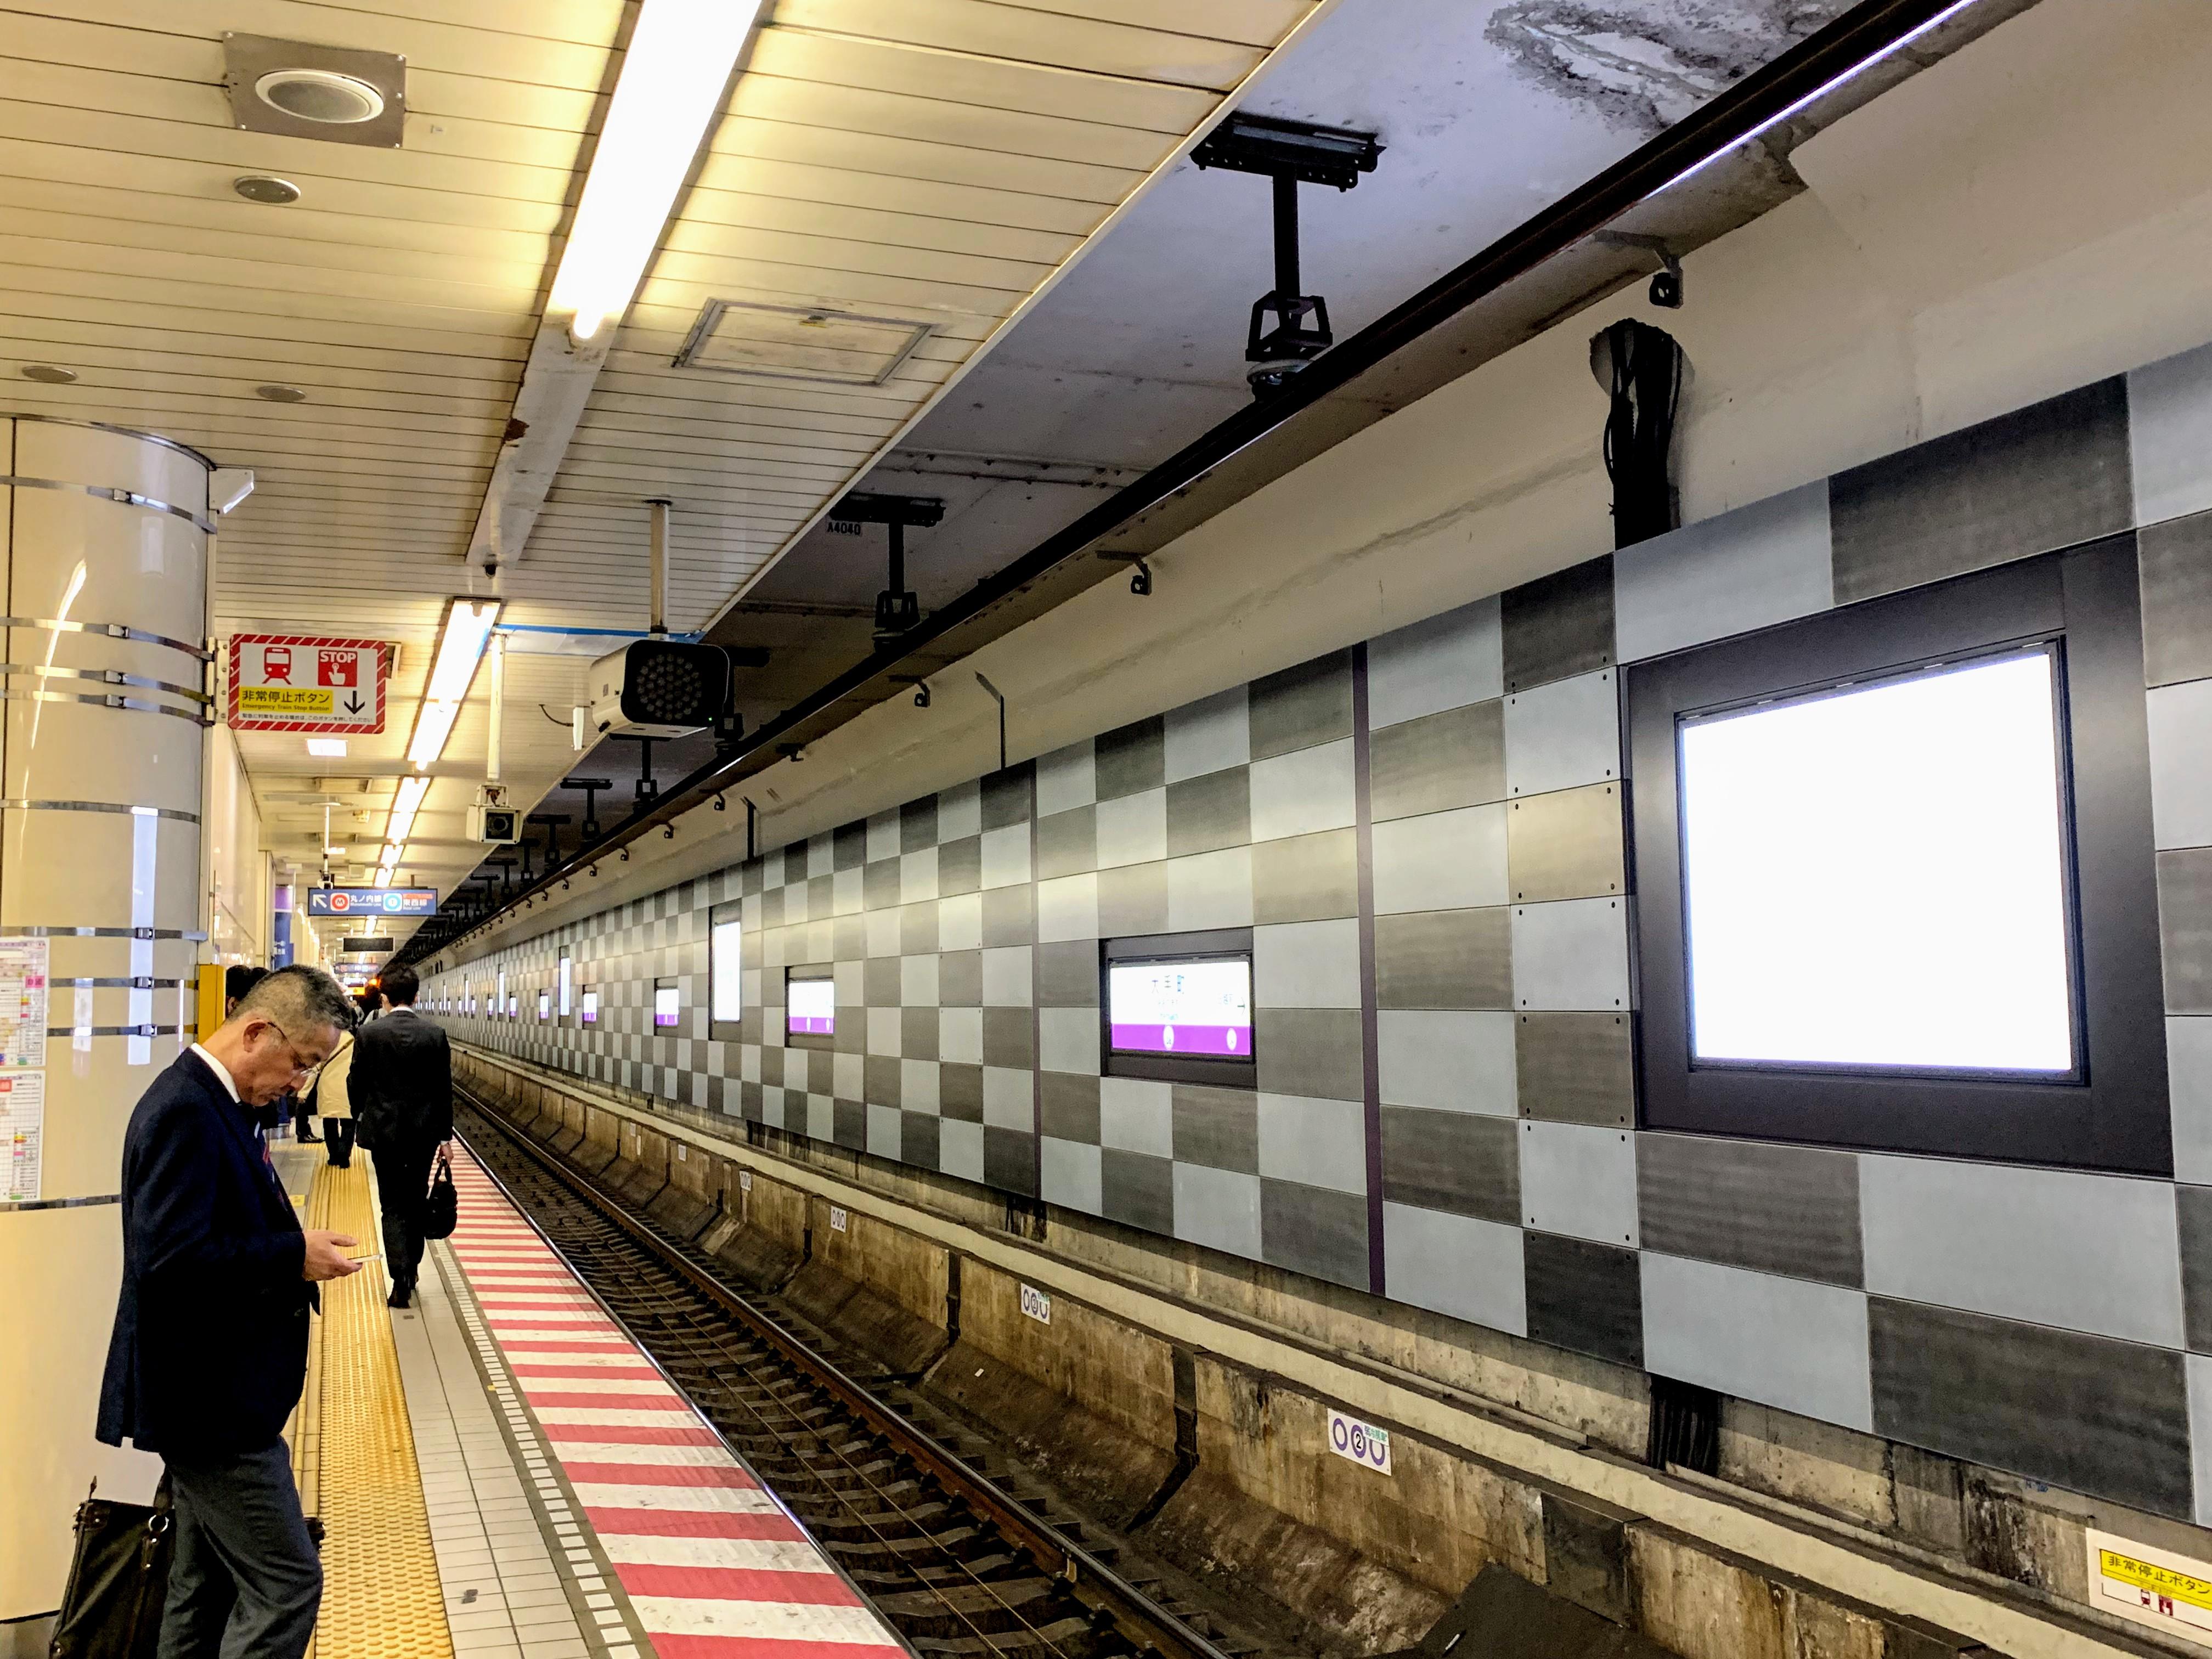 東京メトロ 半蔵門線大手町駅乗降場パネル